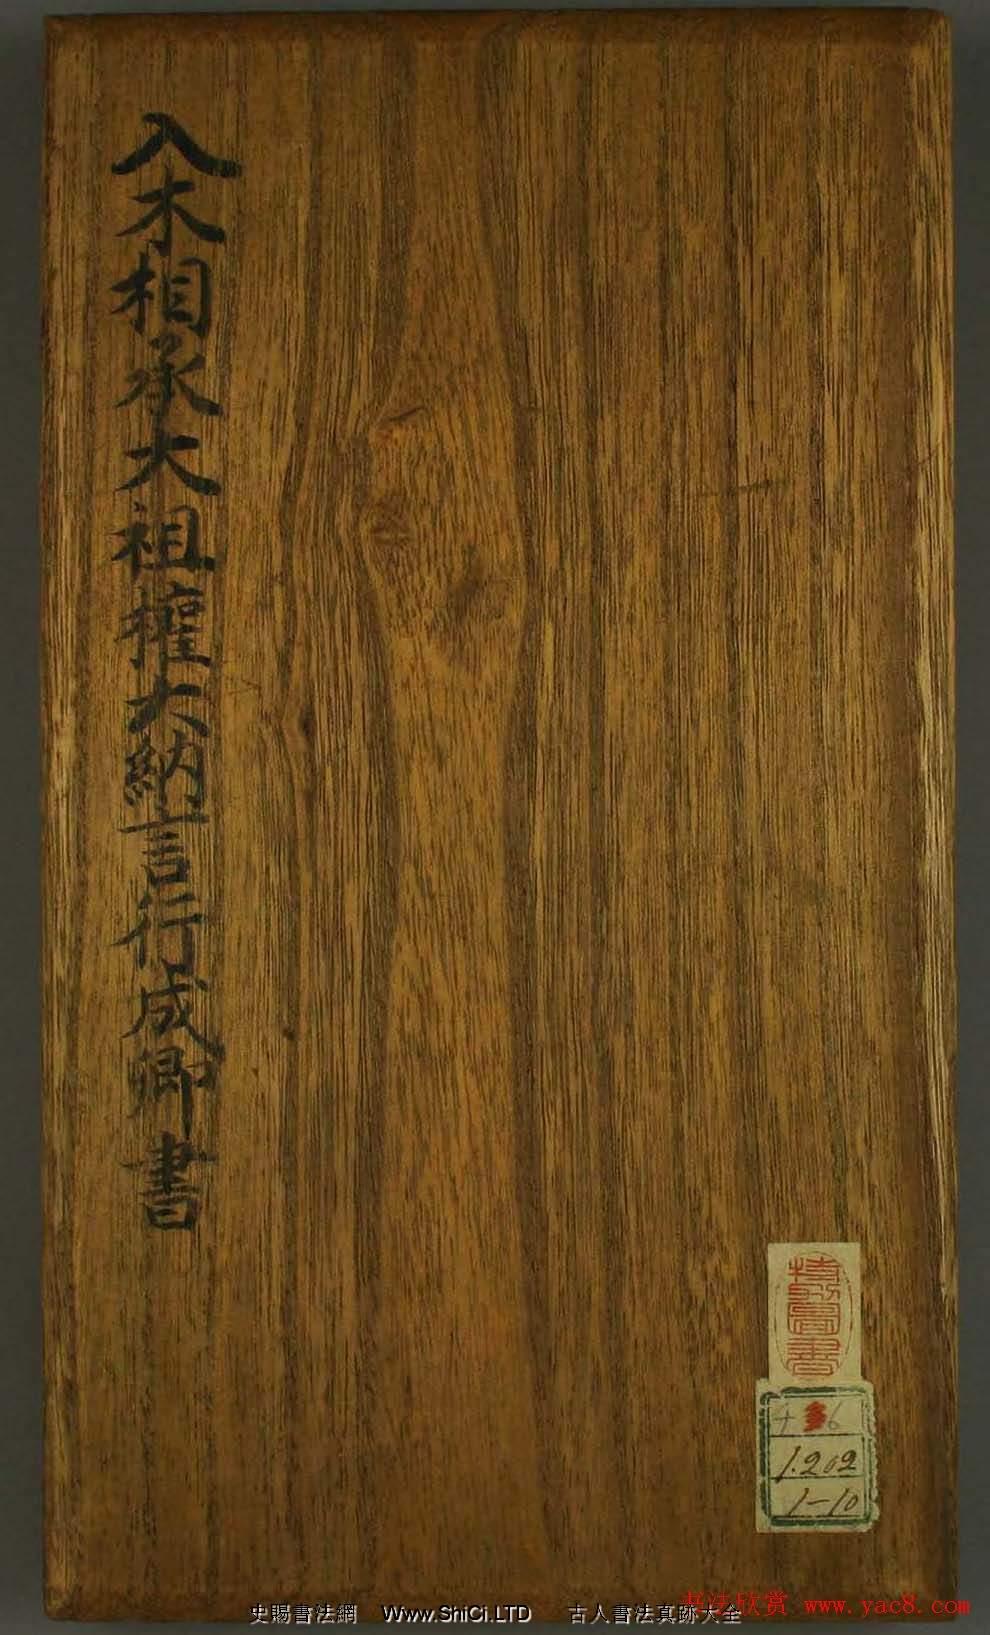 日本書法真跡欣賞-世尊寺法書卷第一(共21張圖片)